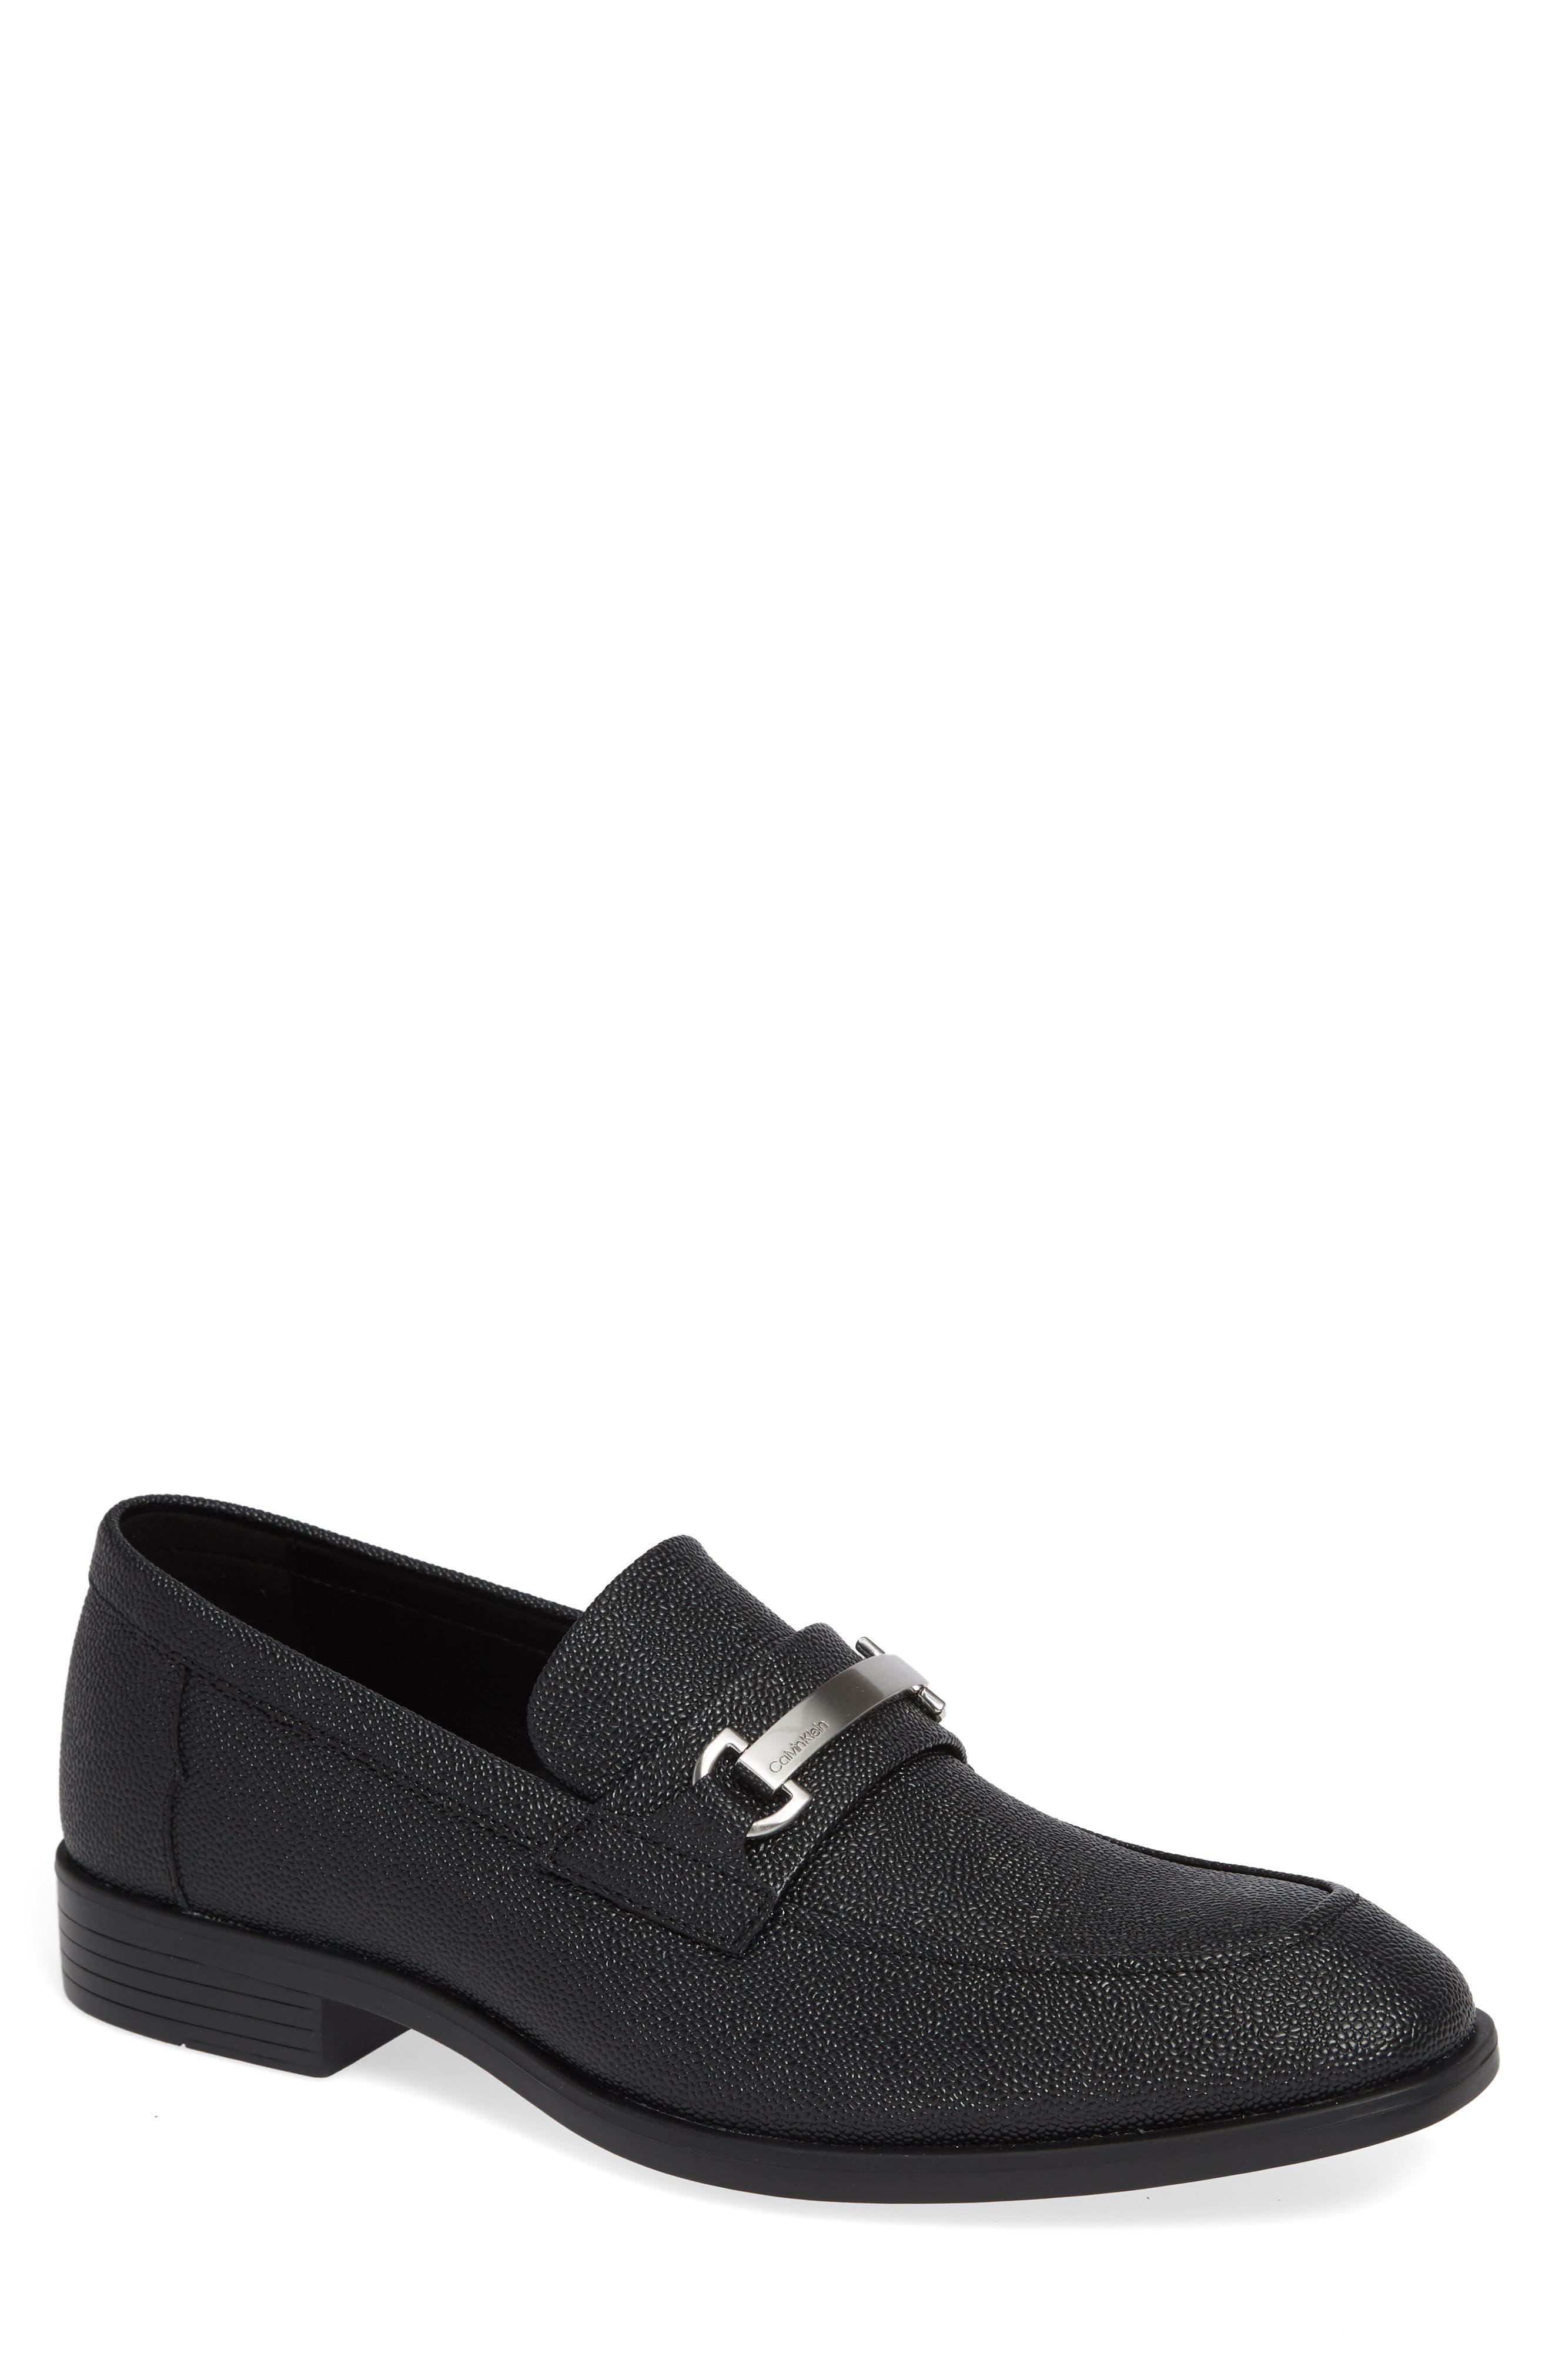 Calvin Klein Craig Bit Loafer, Black